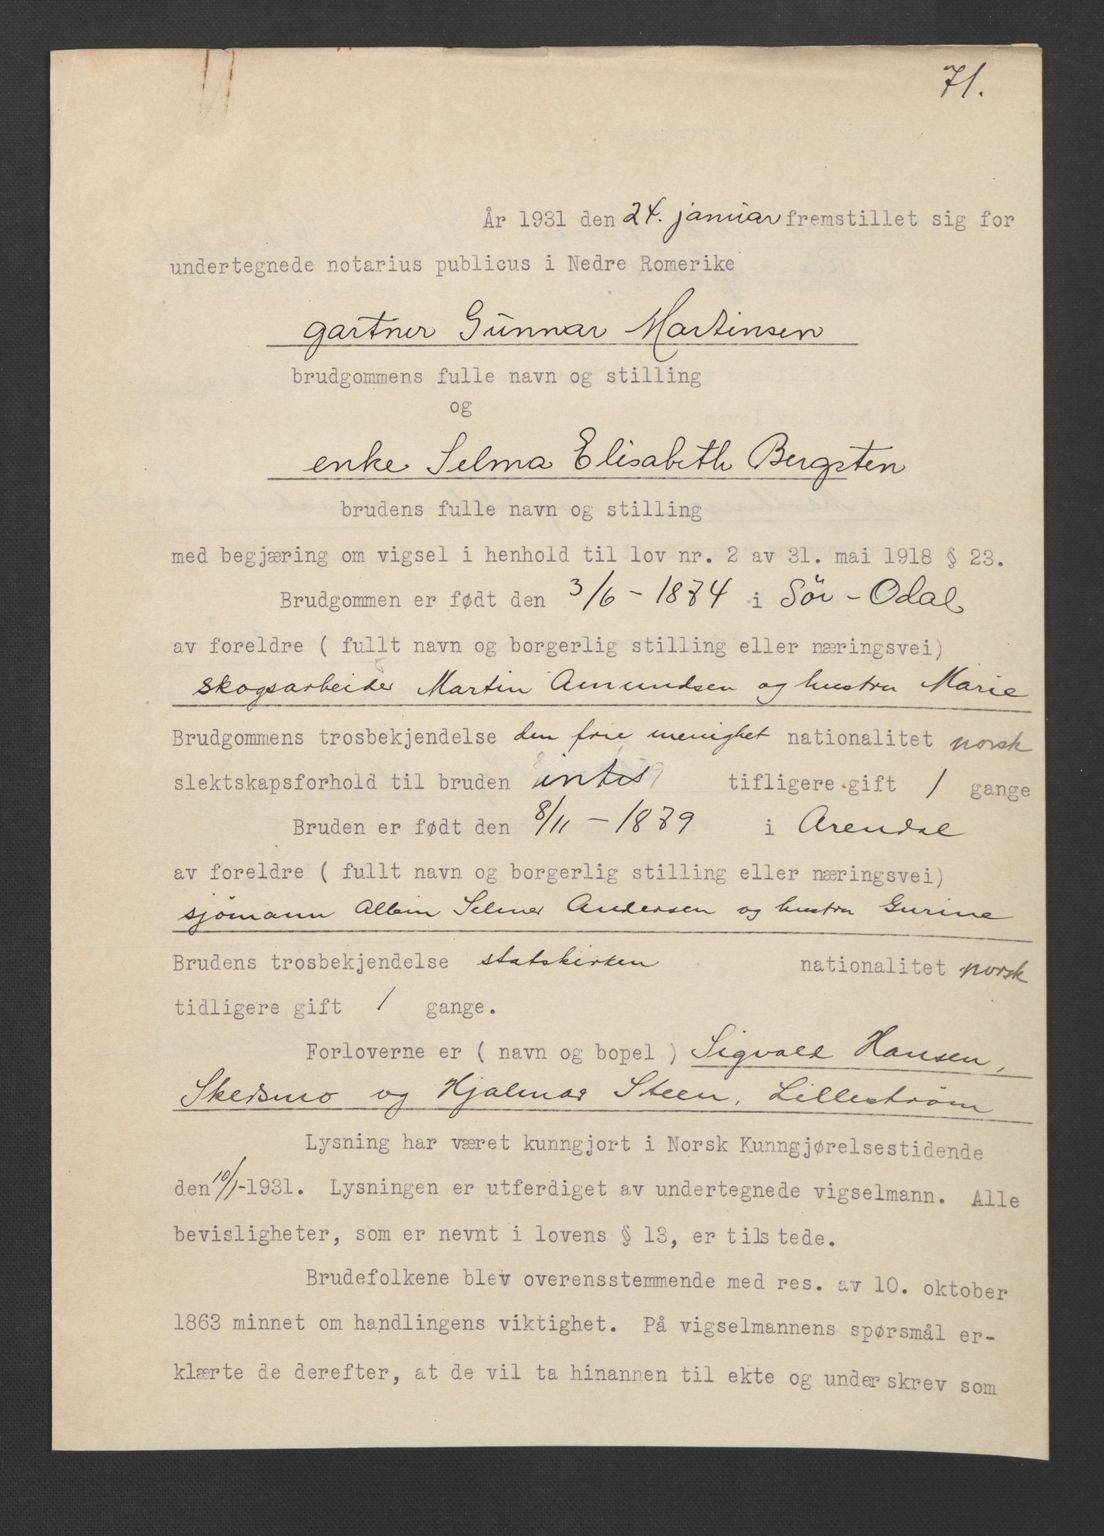 SAO, Nedre Romerike sorenskriveri, L/Lb/L0001: Vigselsbok - borgerlige vielser, 1920-1935, s. upaginert